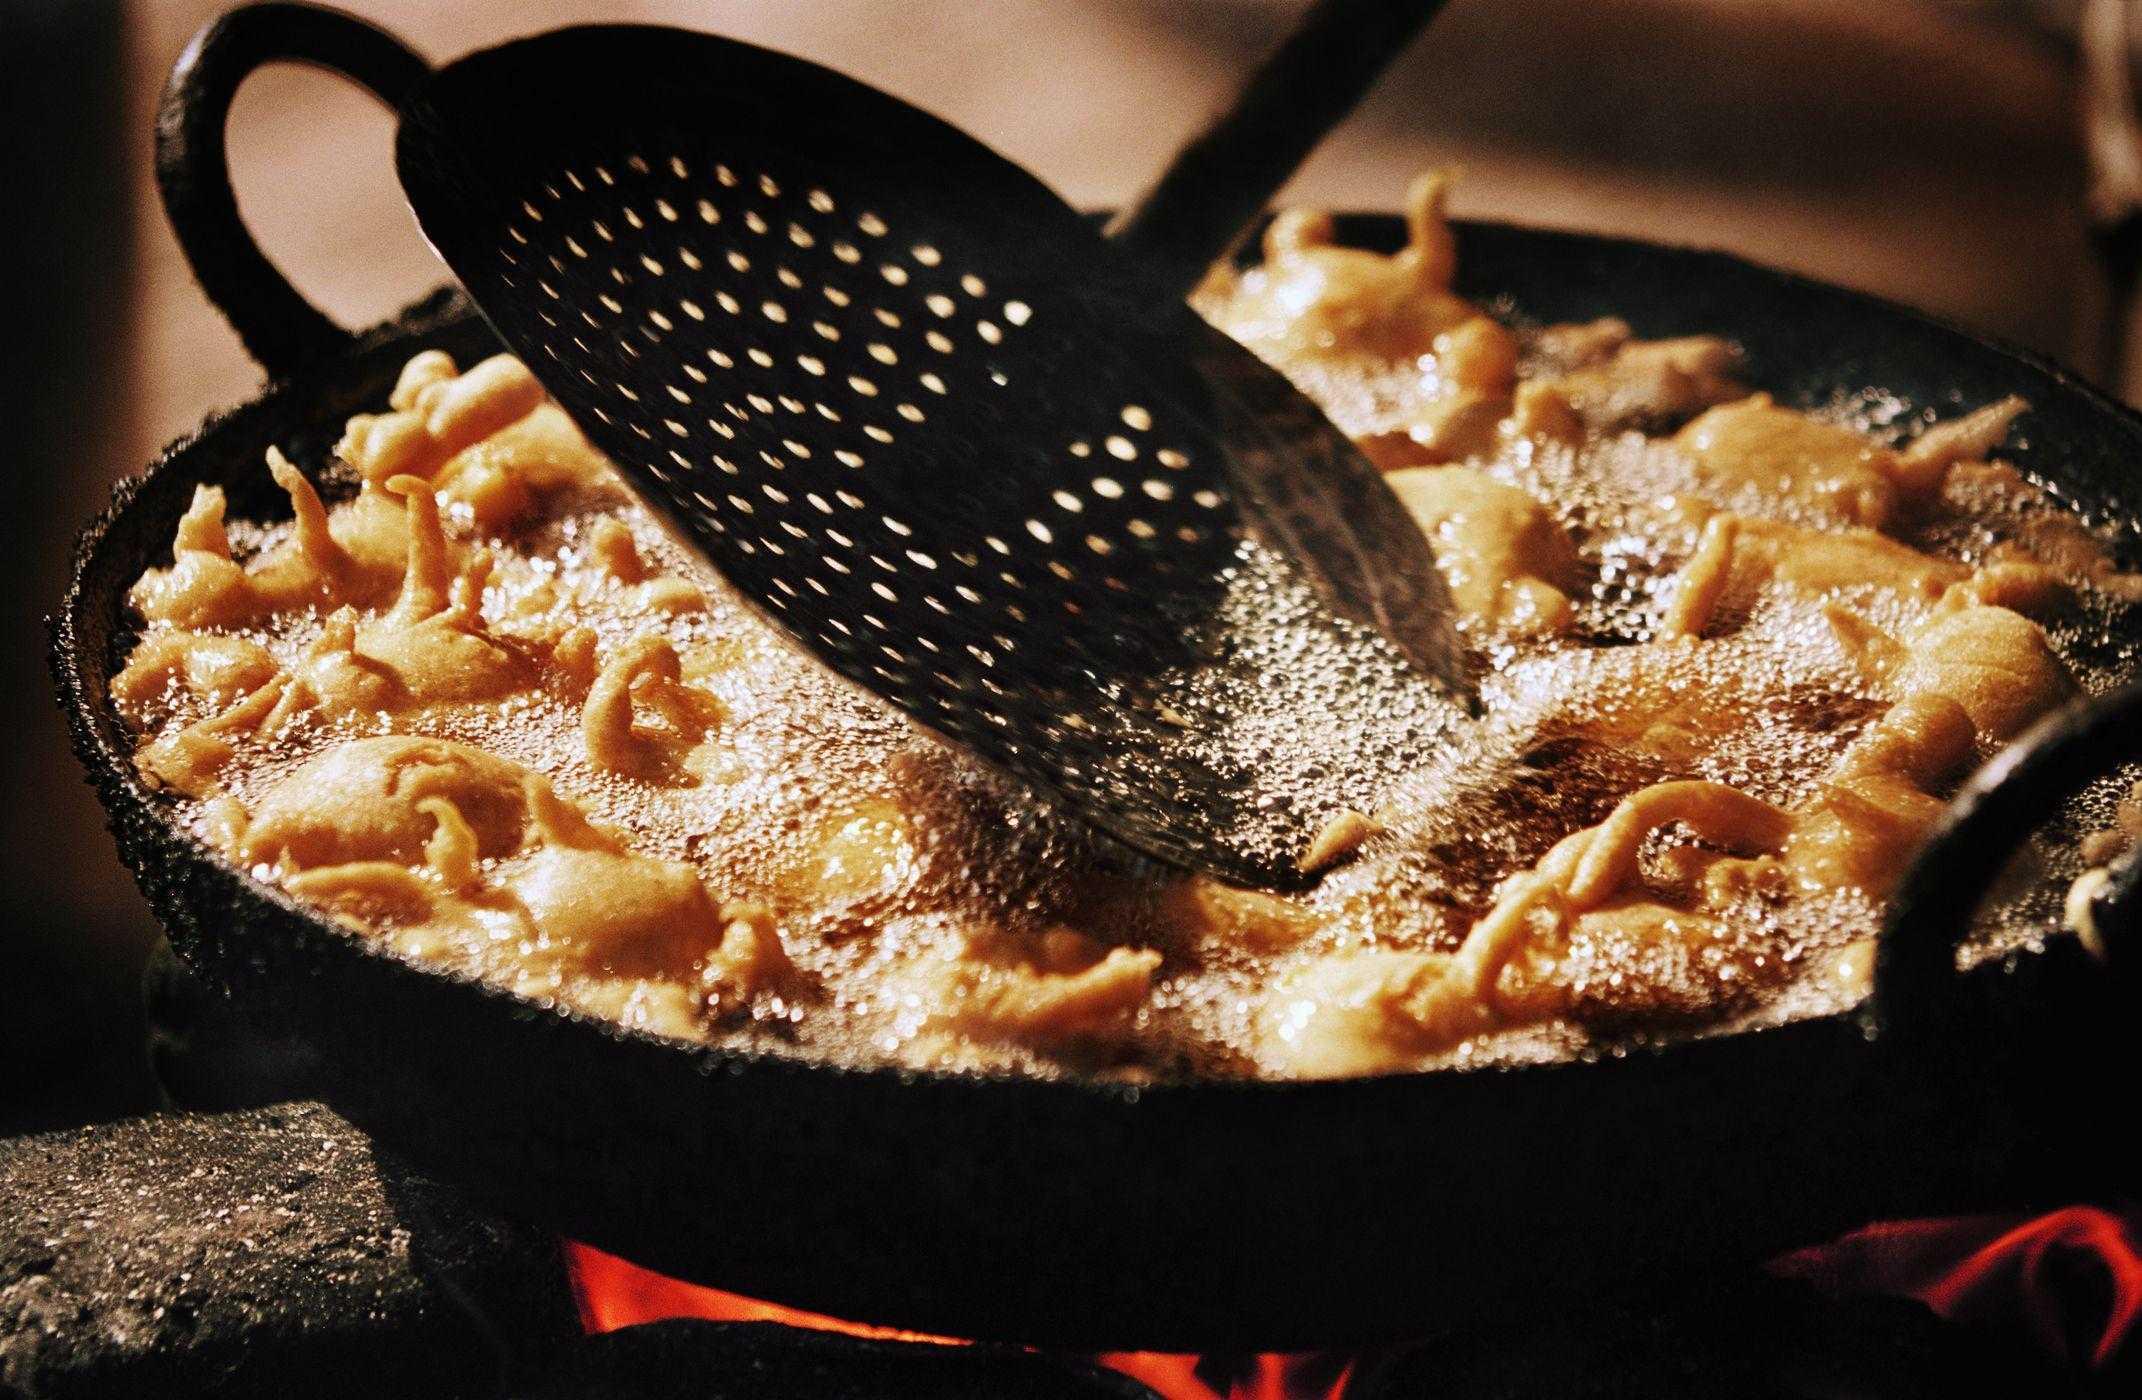 Масло для жарки оливковое: особенности выбора, рекомендации по приготовлению и отзывы